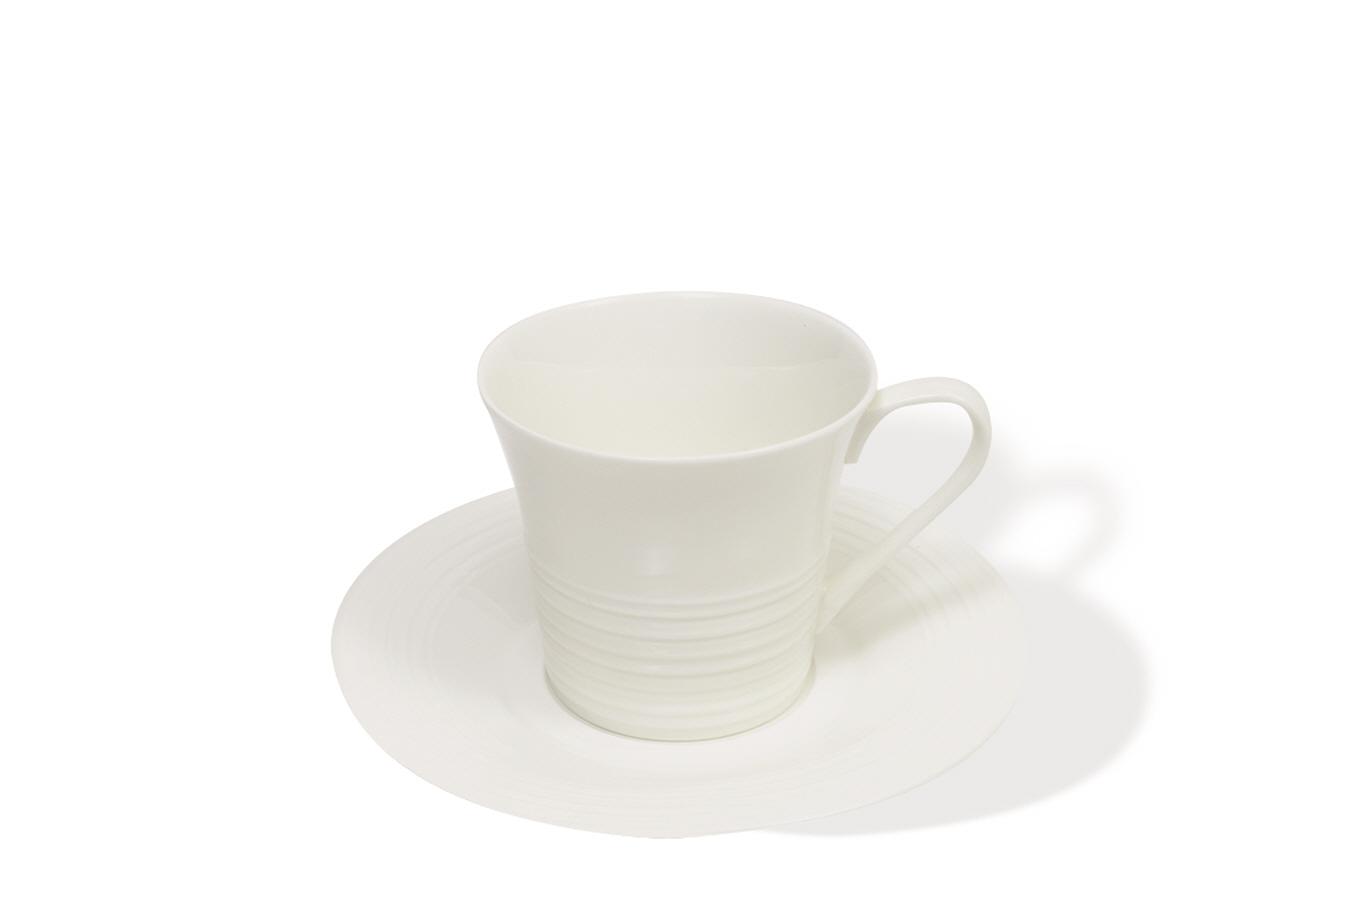 Šálek s podšálkem na cappuccino White Basics Cirque 220 ml - Maxwell&W